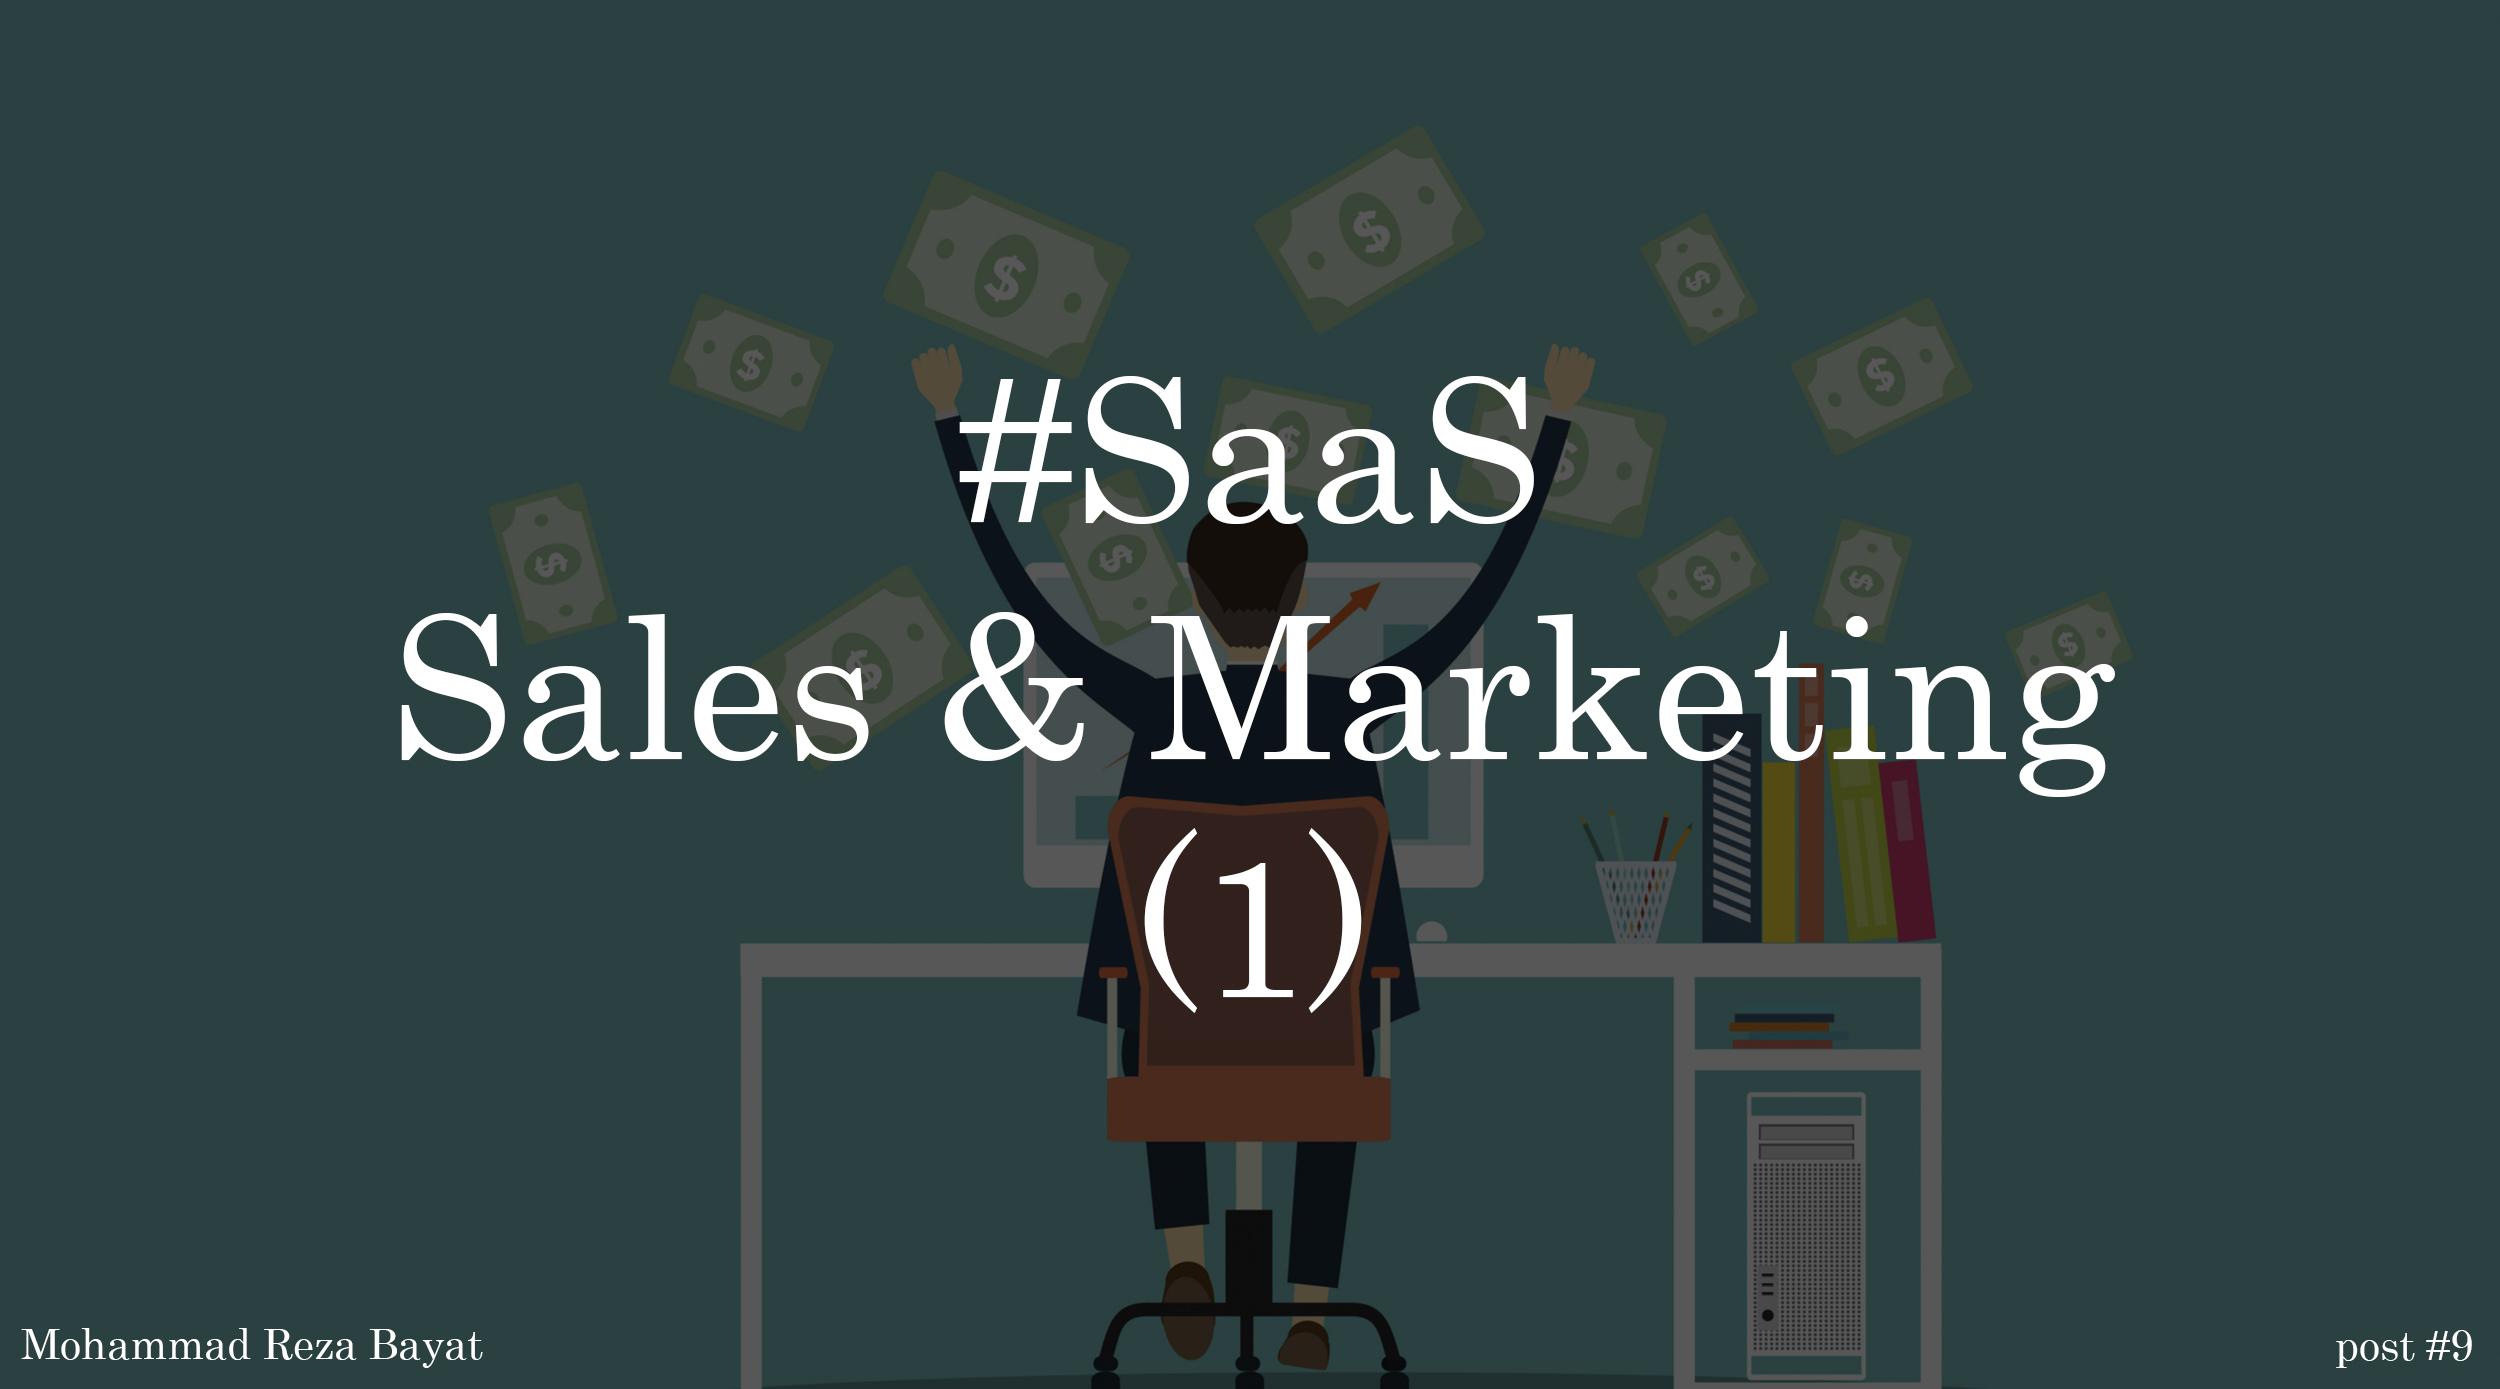 فروش و بازاریابی در کسبوکارهای نوپای حوزه نرمافزارهای ابری (SaaS) (قسمت اول)